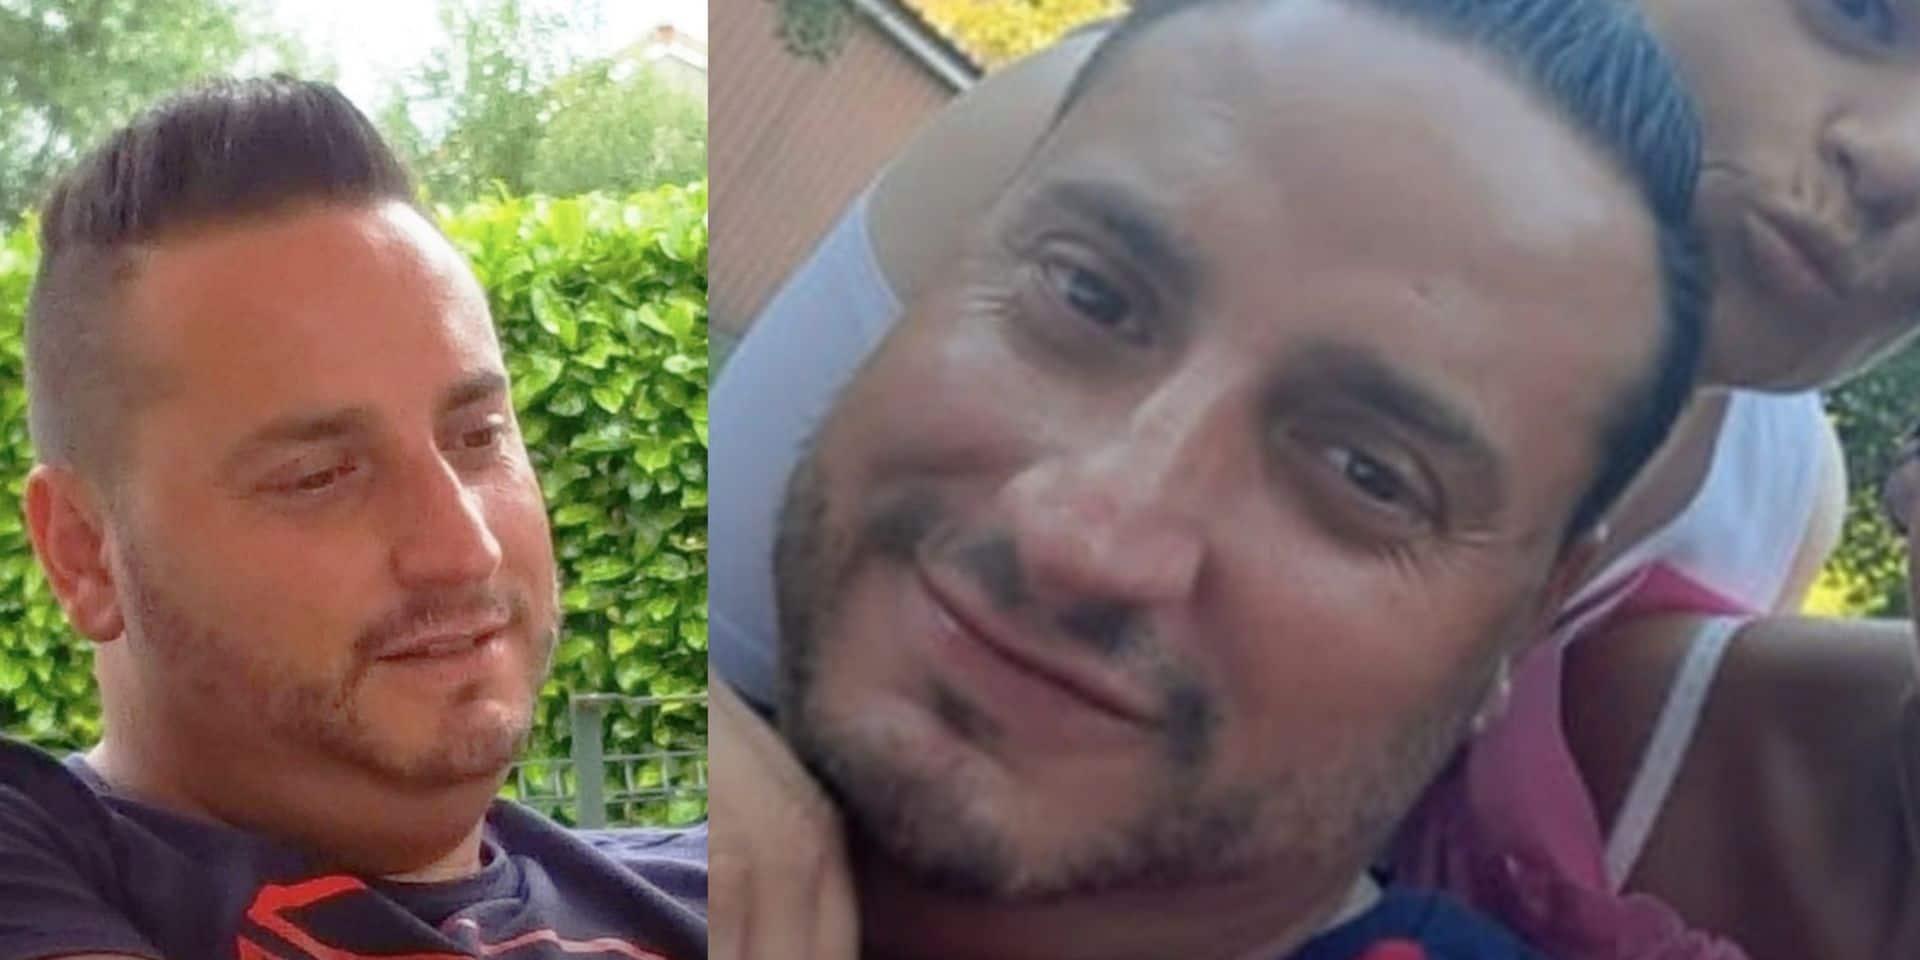 Emidio, le gérant du Colruyt d'Amay, décédé des suites du Covid: la sécurité du magasin remise en cause, les travailleurs en colère